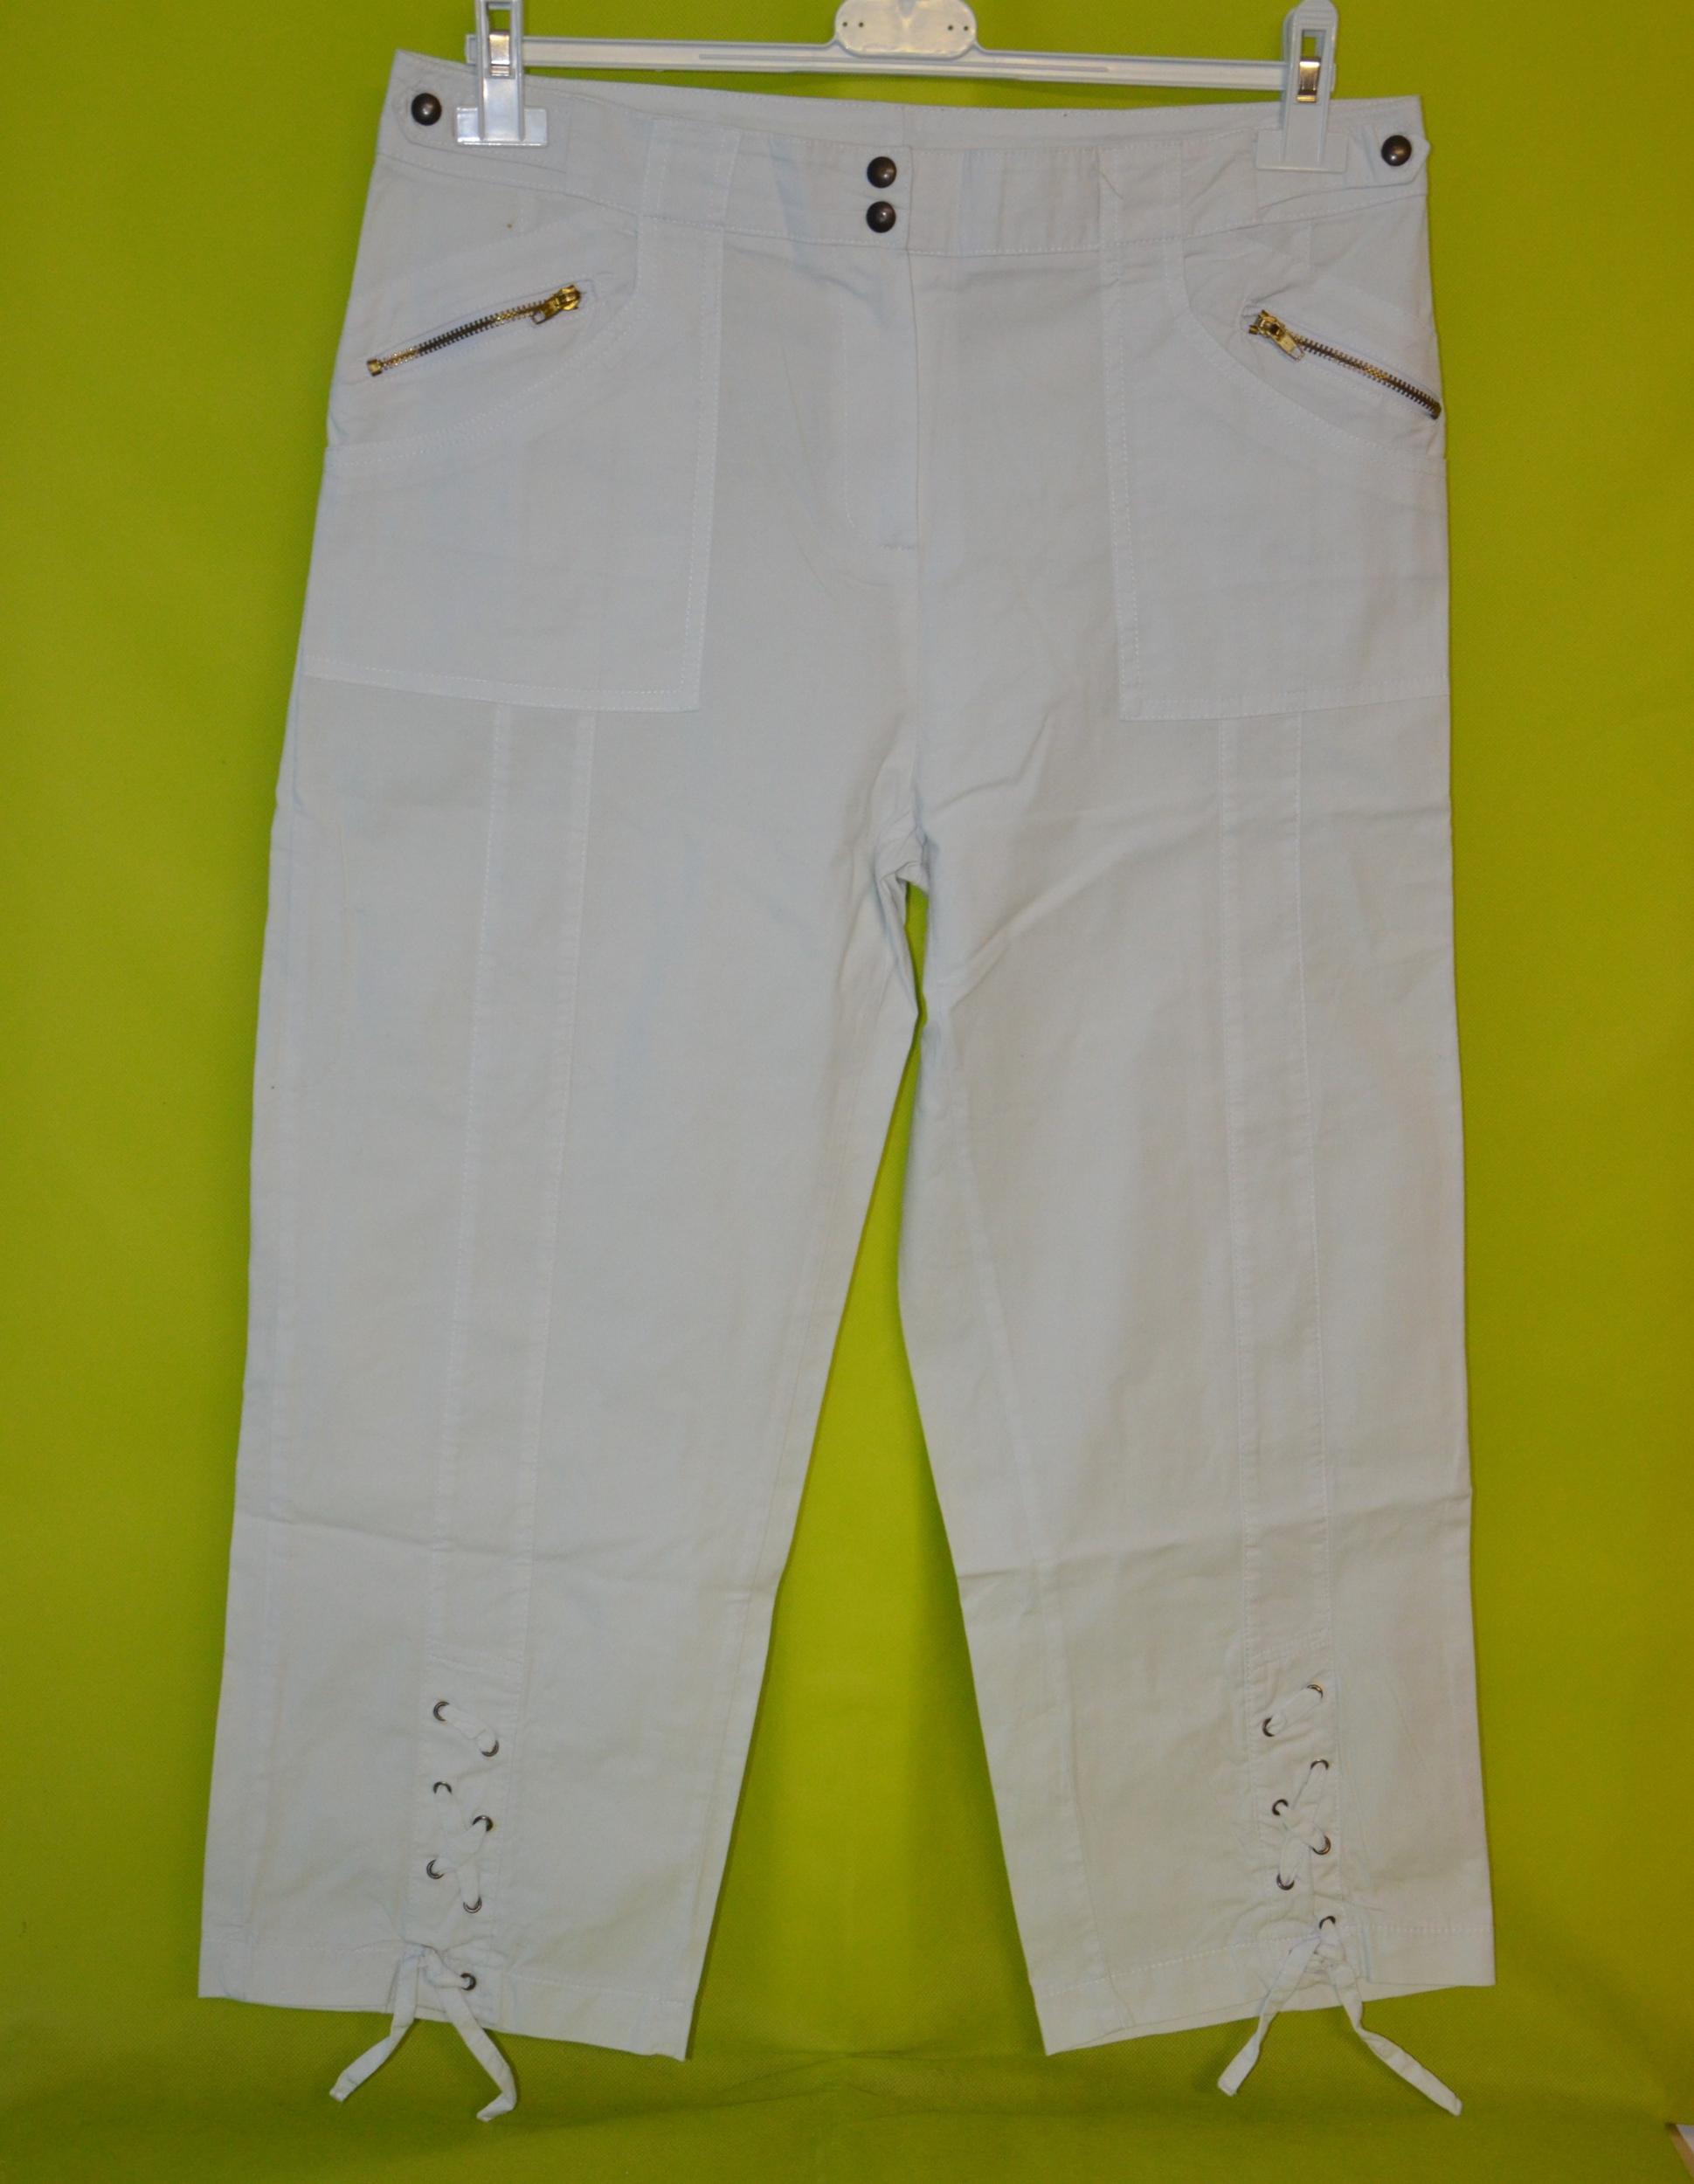 pantacourt blanc femme taille 38 sans marque